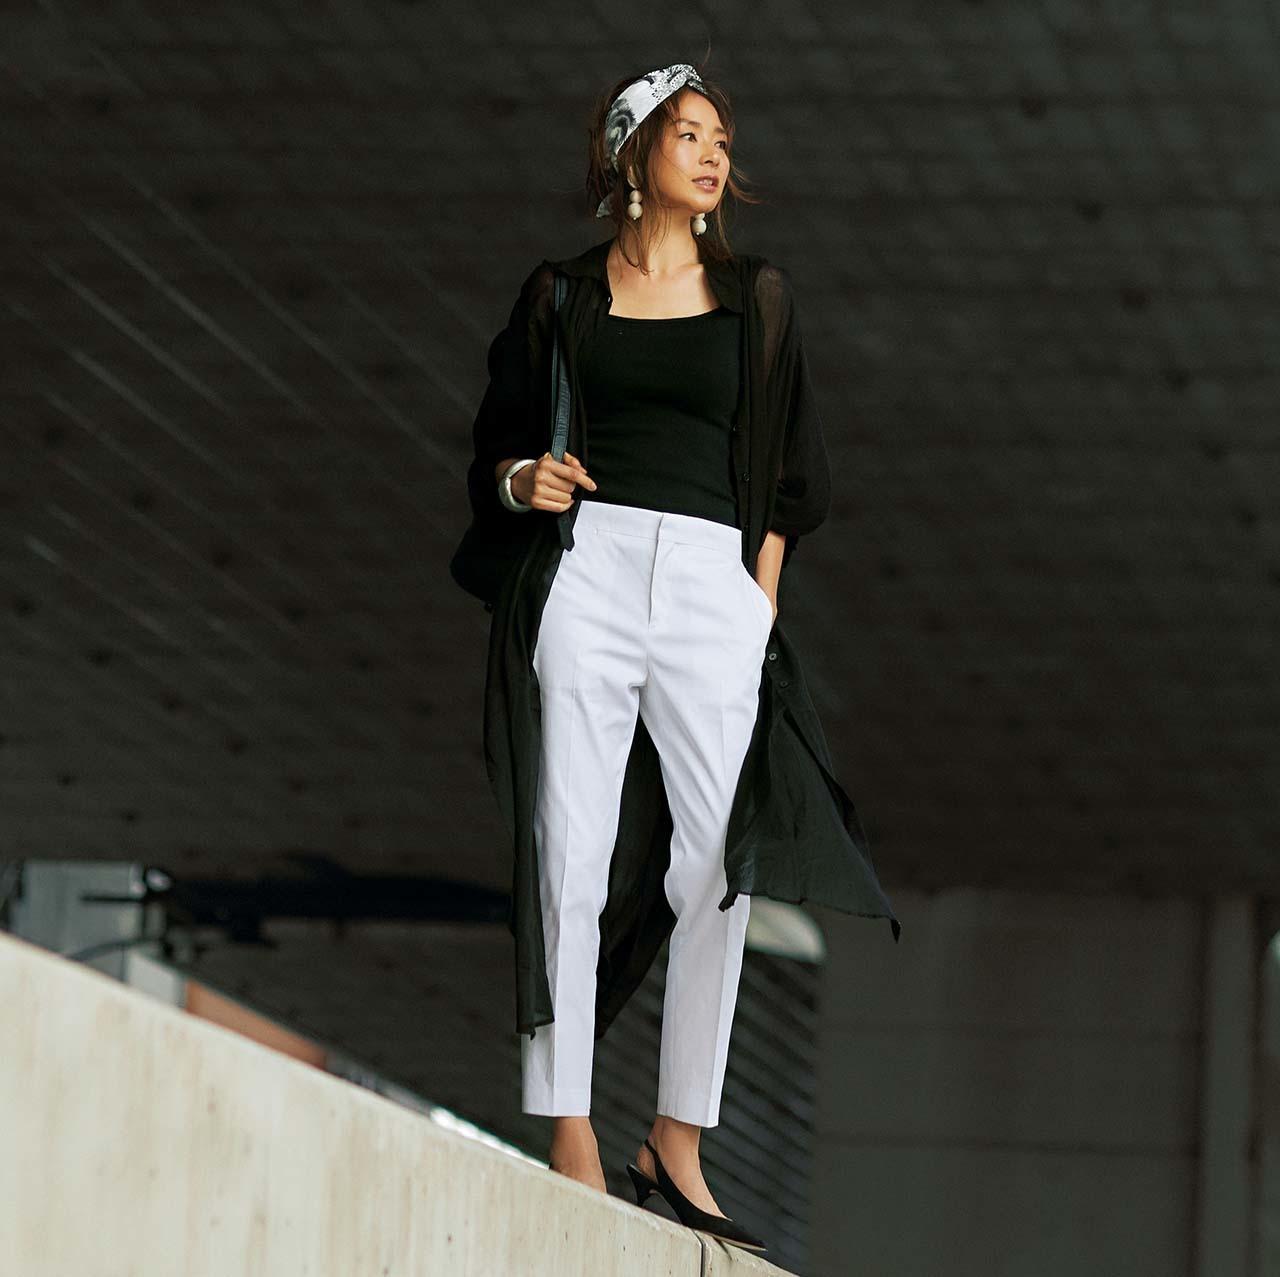 黒のシャツワンピース×白パンツのモノトーンコーデ